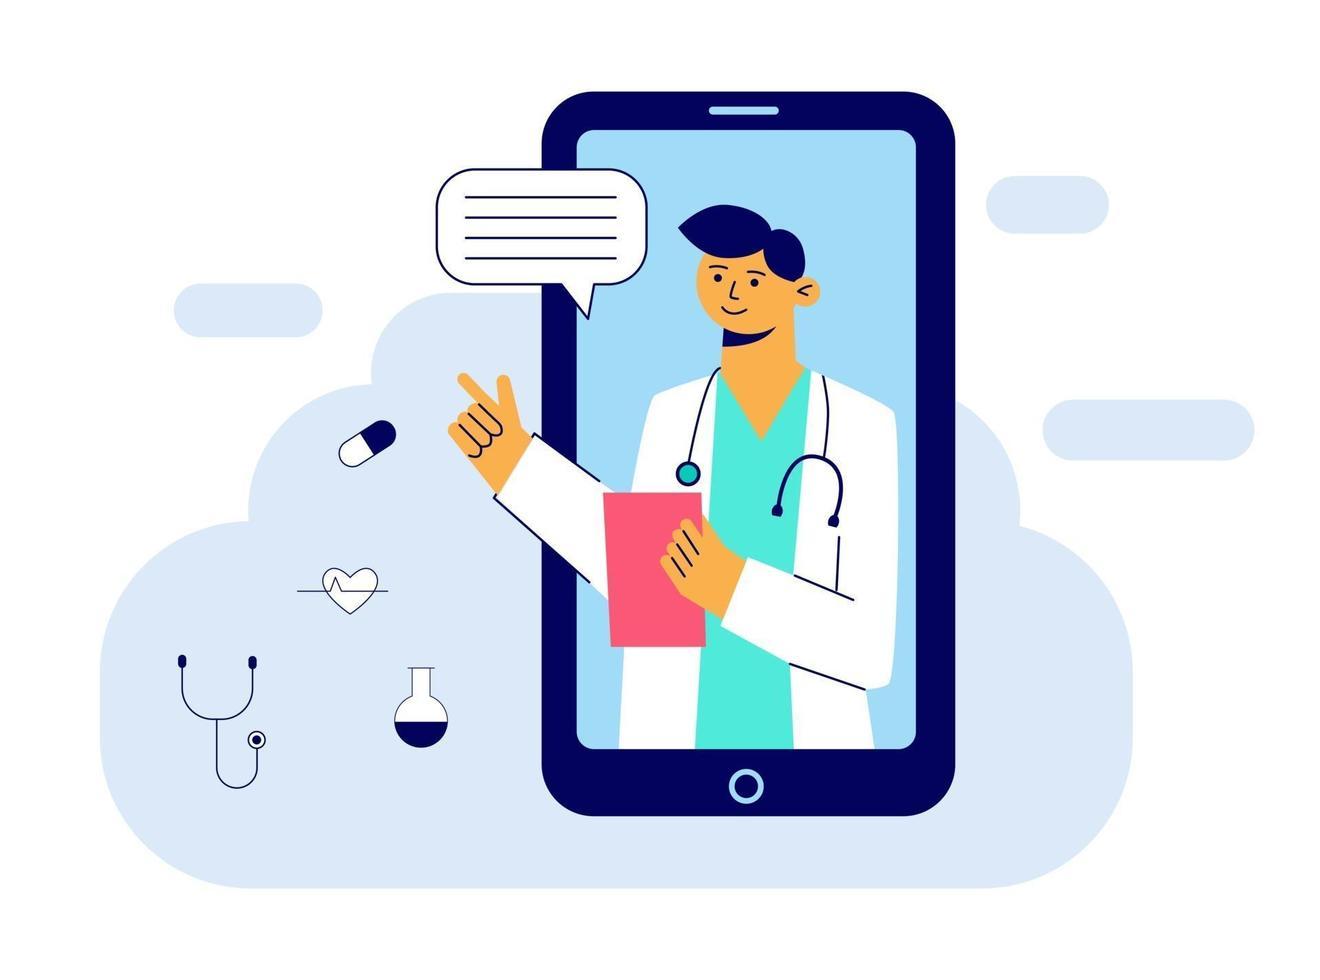 begreppet onlinemedicin och vårdansökan för webbplatsen. medicinsk diagnostik över internet. läkare videosamtal på en smartphone. online medicinsk konsultation. platt vektorillustration vektor